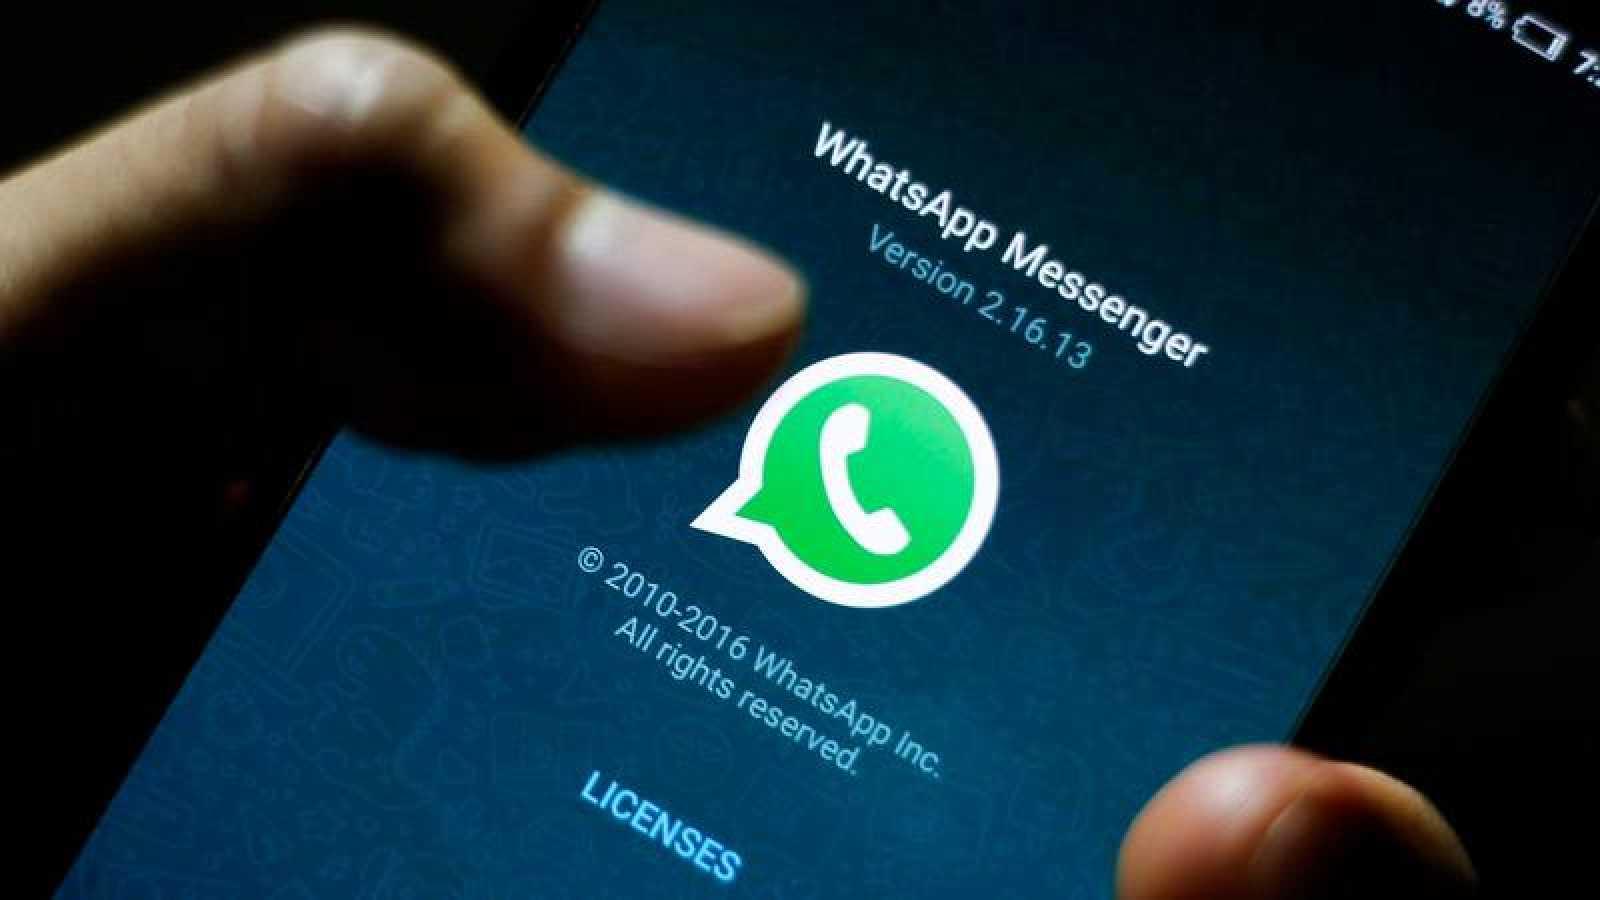 Los usuarios de Whatsapp llevan tiempo reclamando una herramienta para borrar los mensajes que ya han sido enviados.